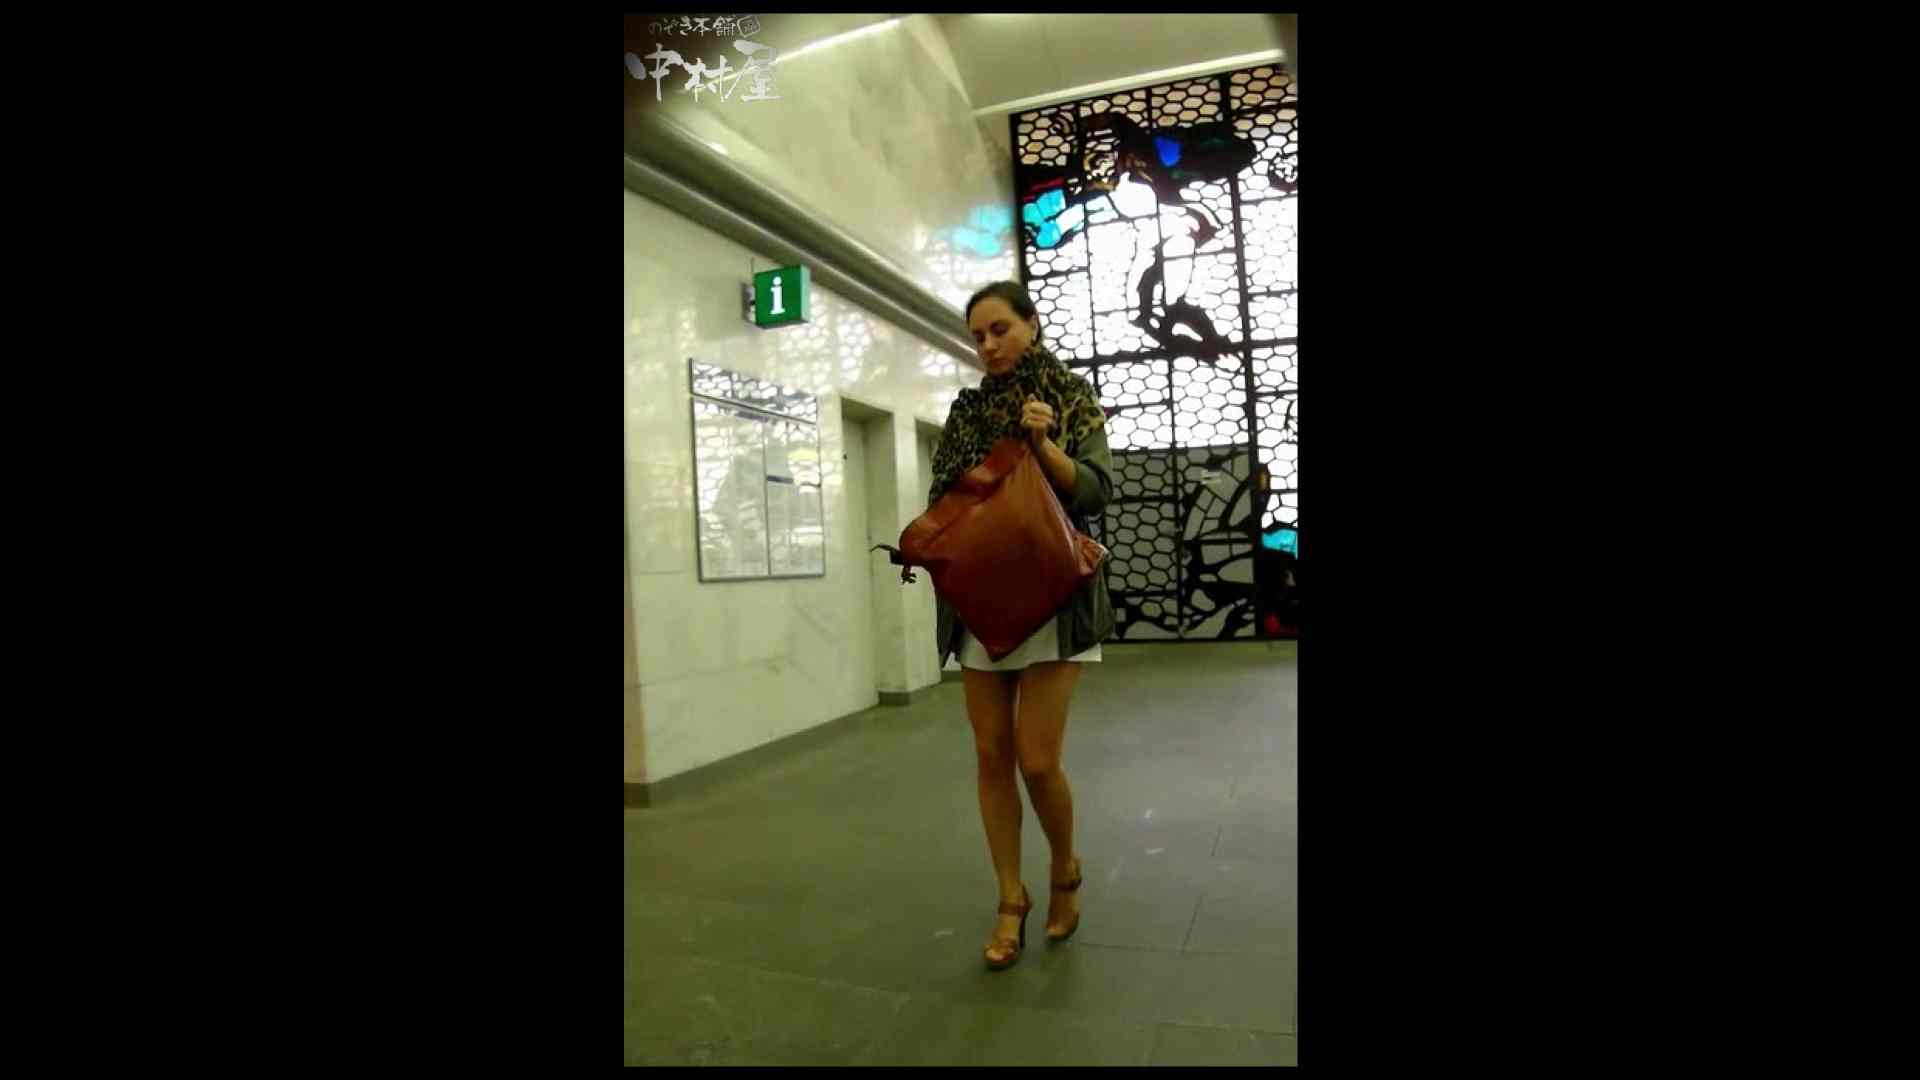 綺麗なモデルさんのスカート捲っちゃおう‼ vol29 OLのエロ生活 | モデルのエロ生活  83連発 4